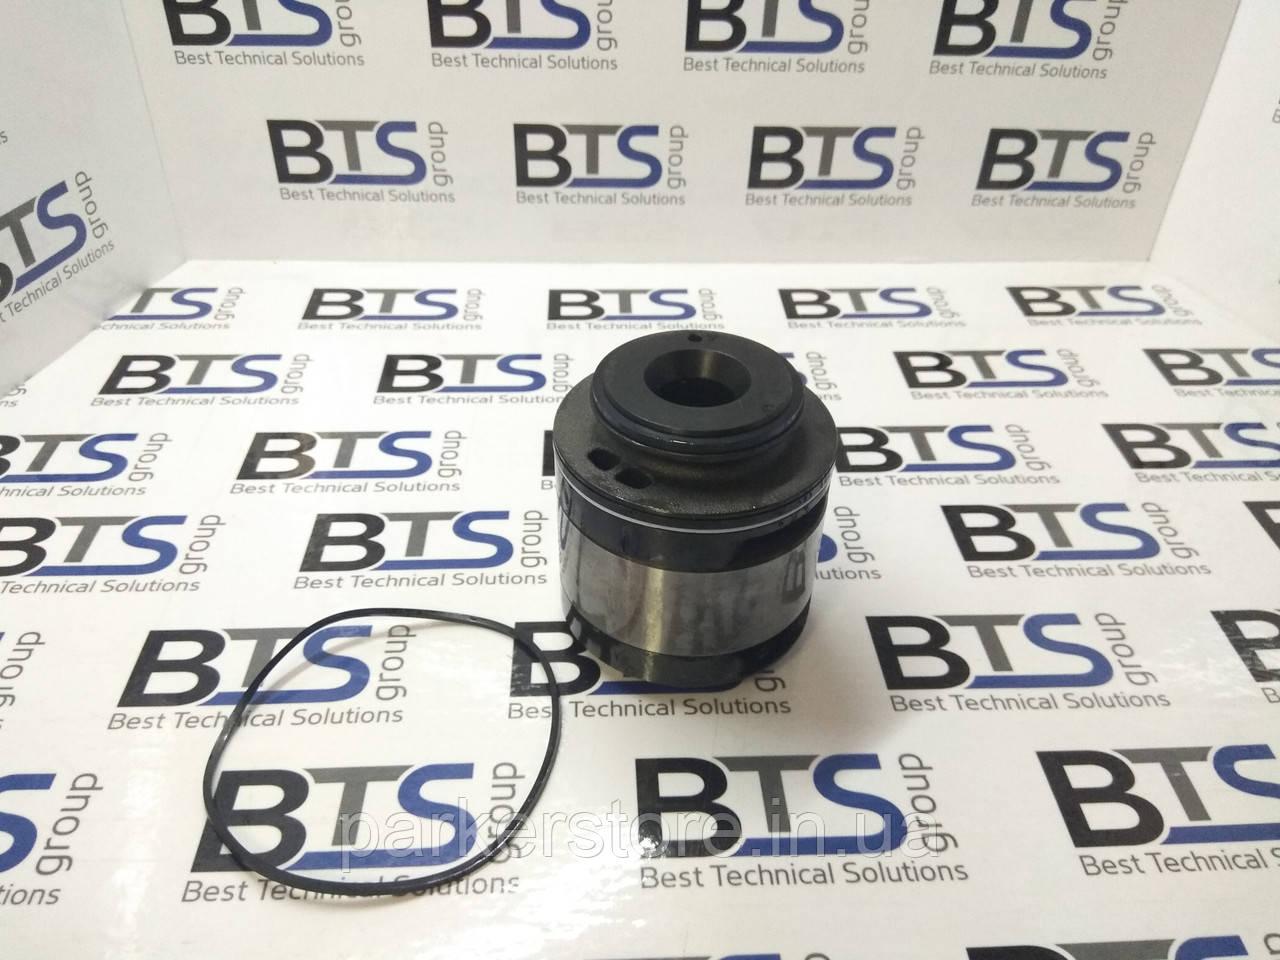 Продам Катриджи гидронасосов T6CCZ-B22-B17-W-R-03A111 для мусоровозов Gessink, Faun, Haller